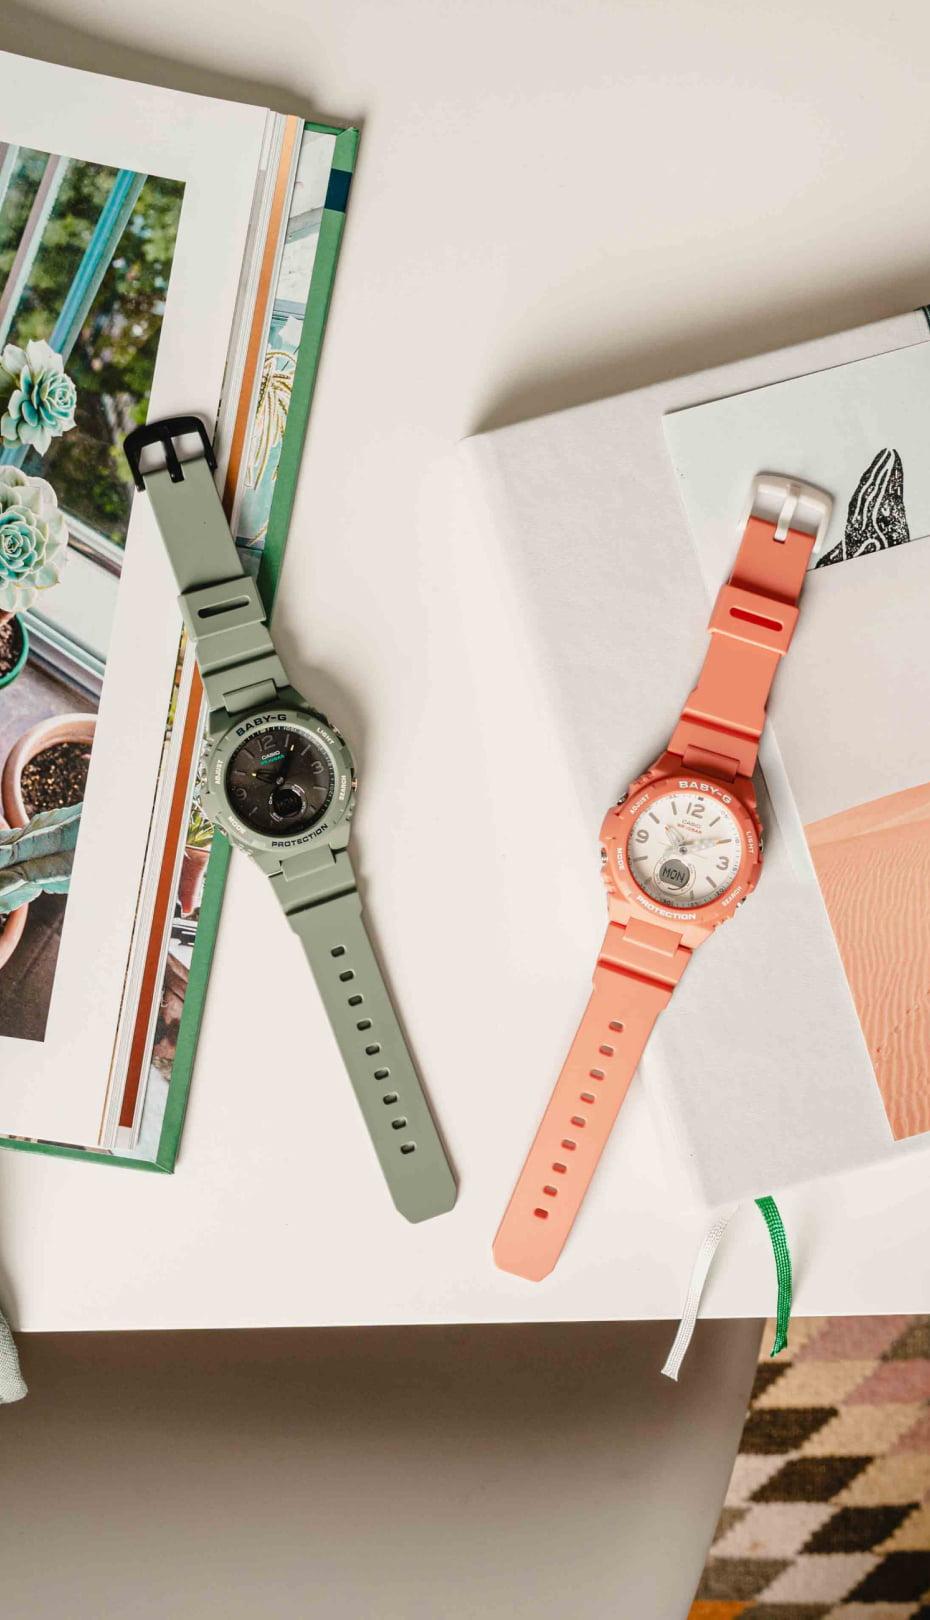 relojes de colores CASIO sobre una mesa con cuadernos